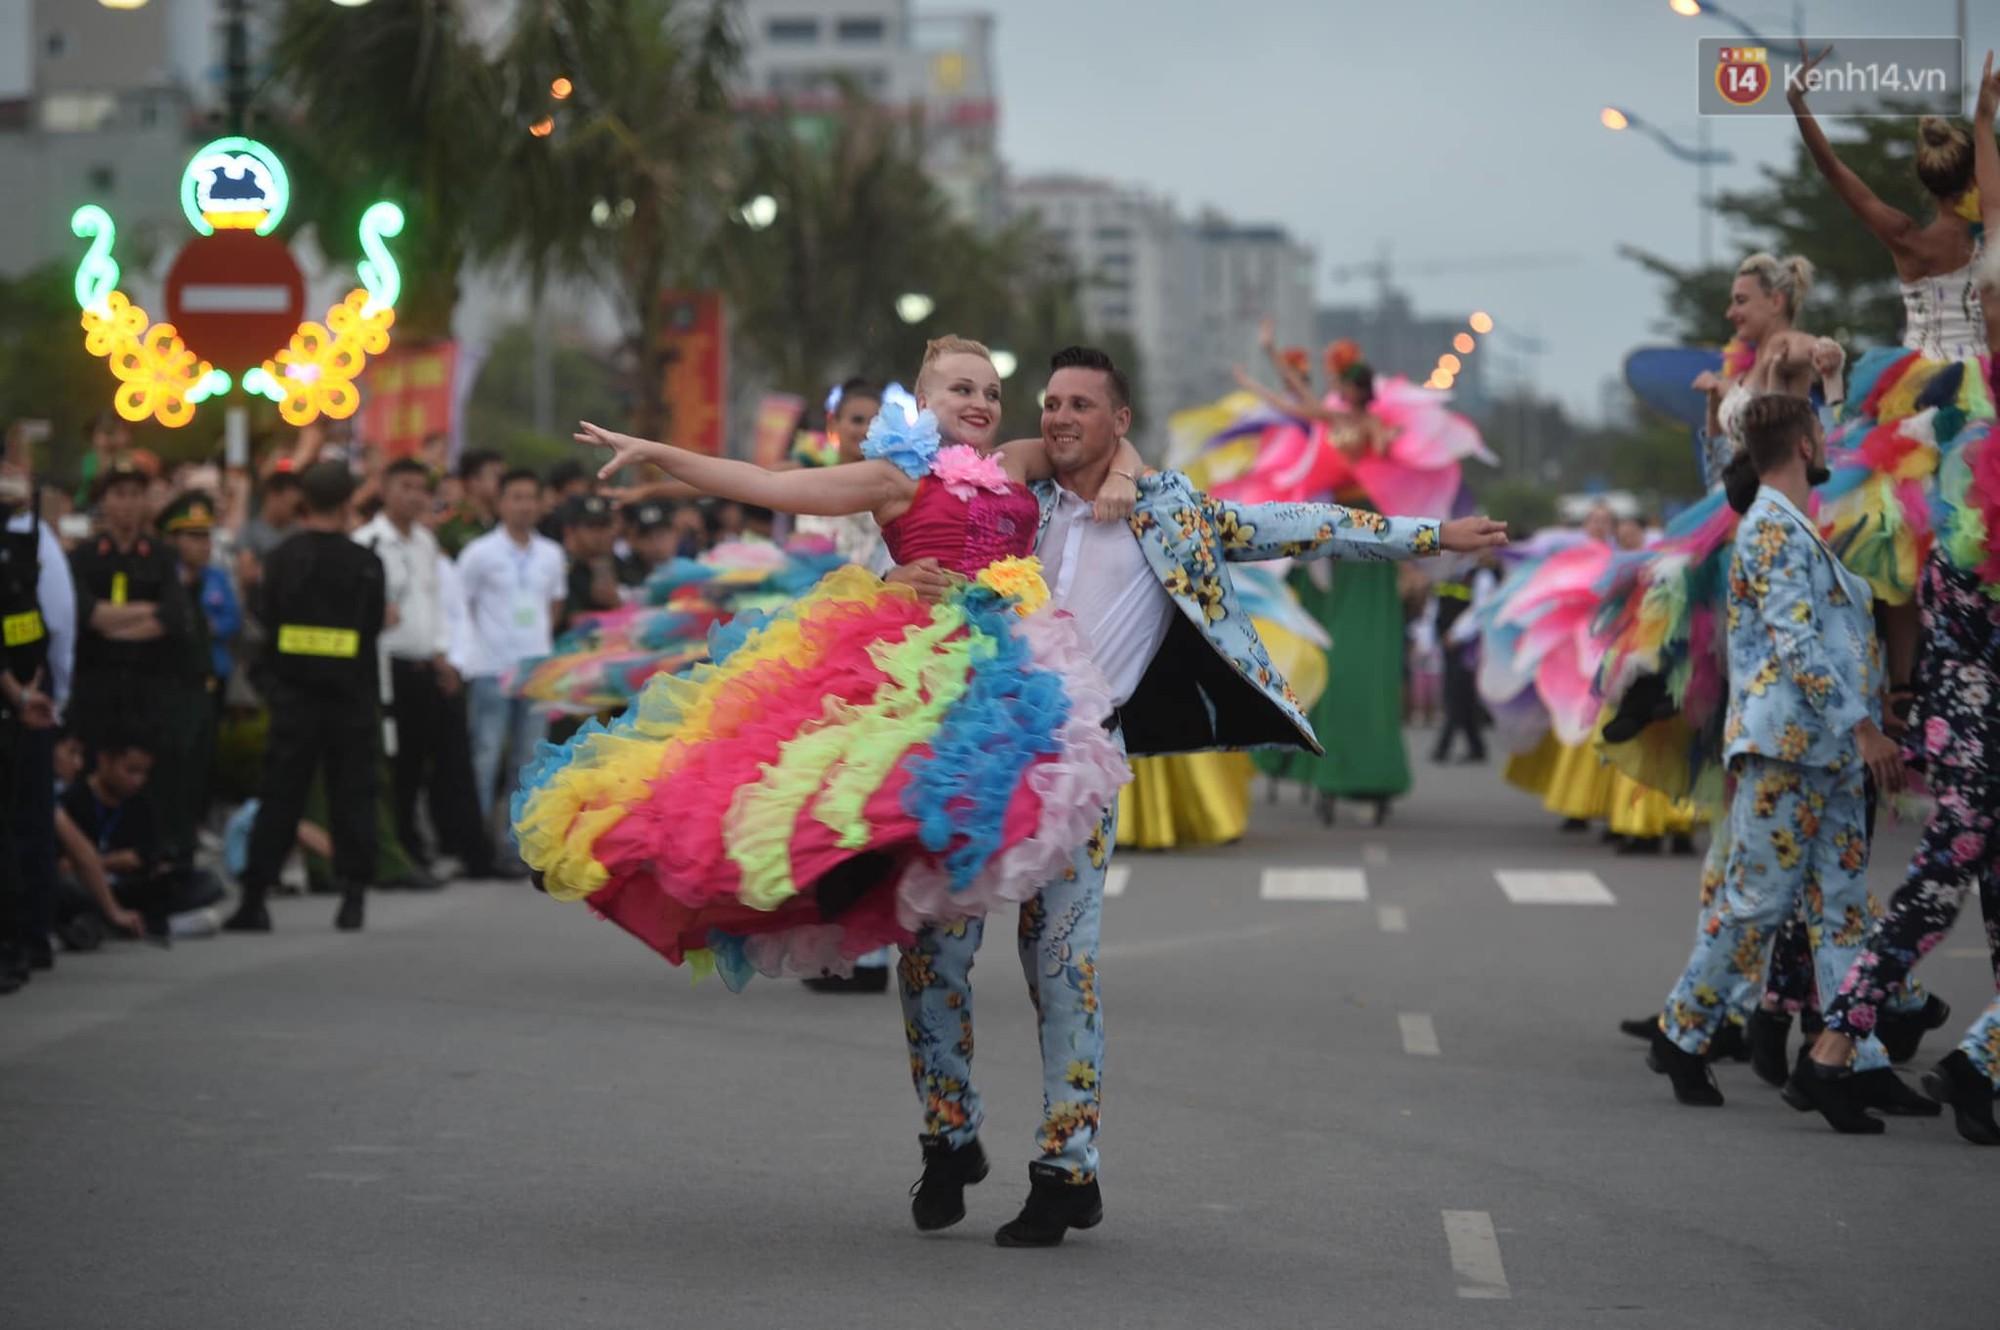 Màn Canaval sinh động và giao lưu với khán giả ấn tượng tại lễ hội du lịch biển Sầm Sơn - Ảnh 7.